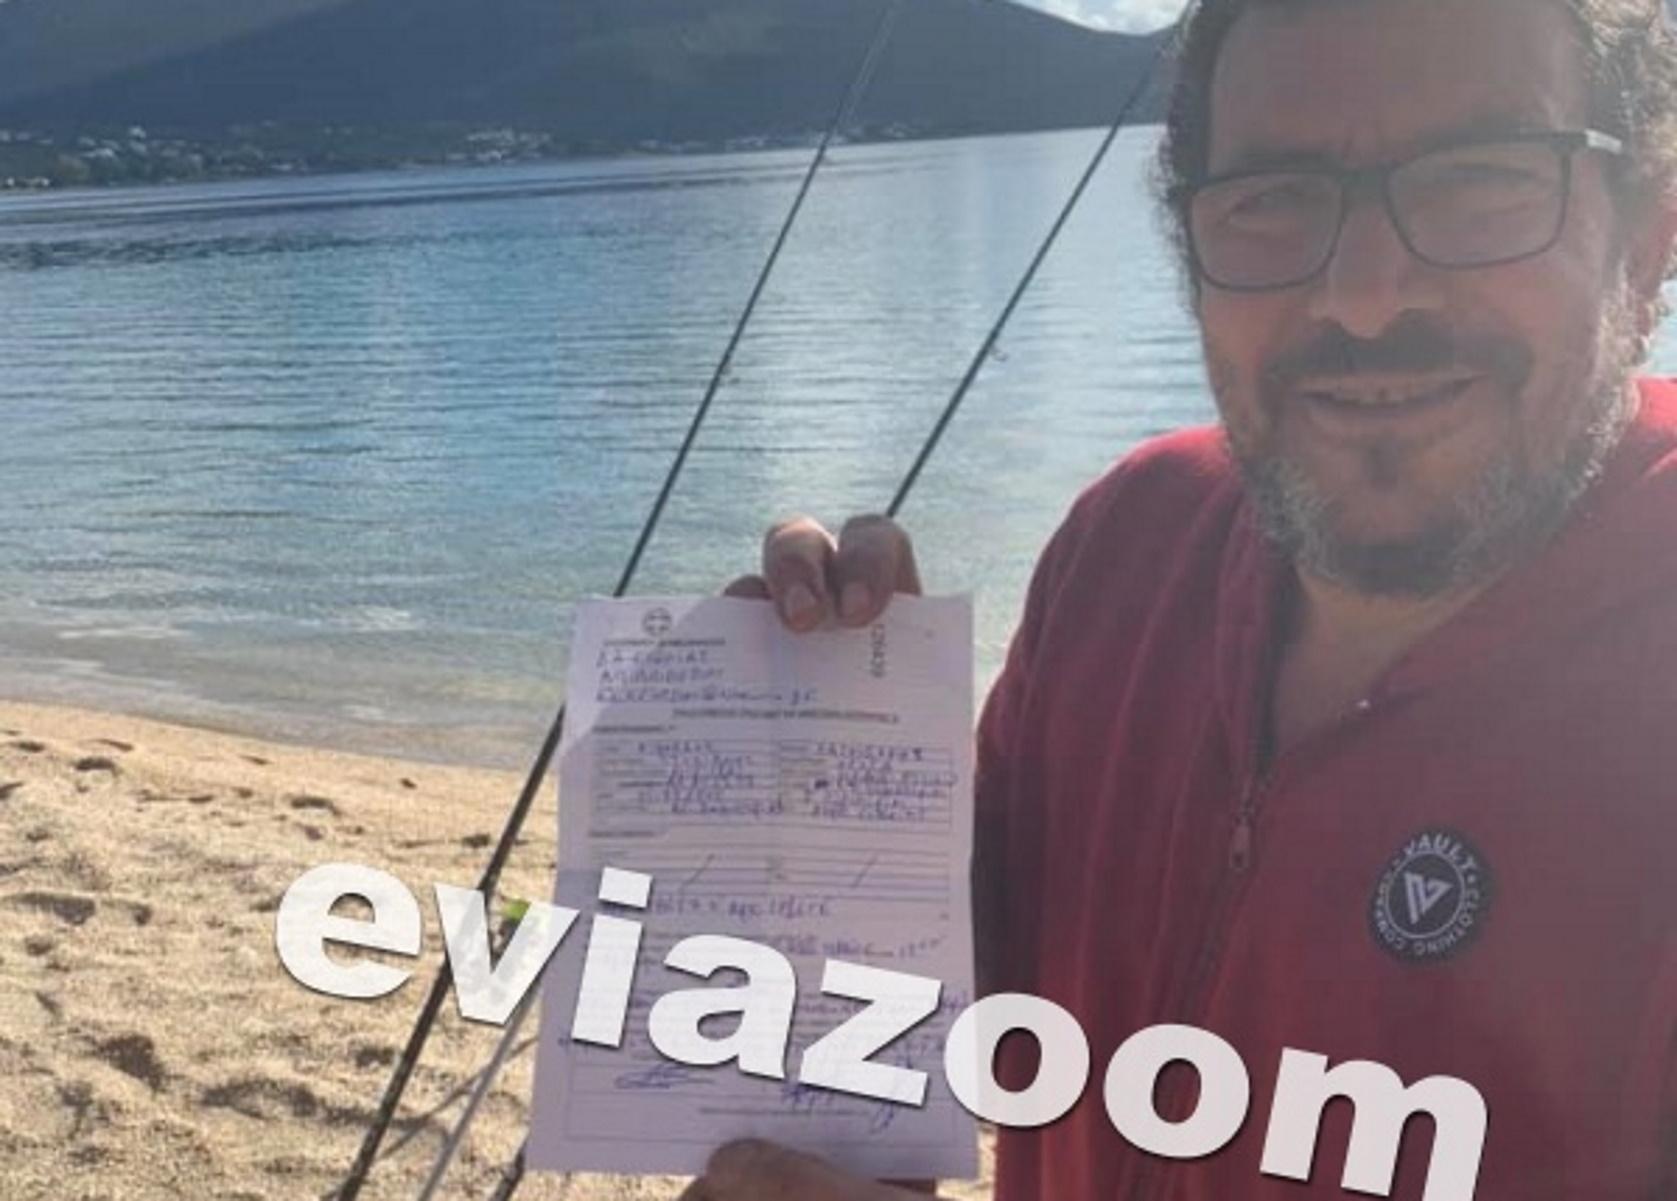 Αλιβέρι: Έκανε δόλωμα την κλήση για παράνομο ψάρεμα (pics, video)